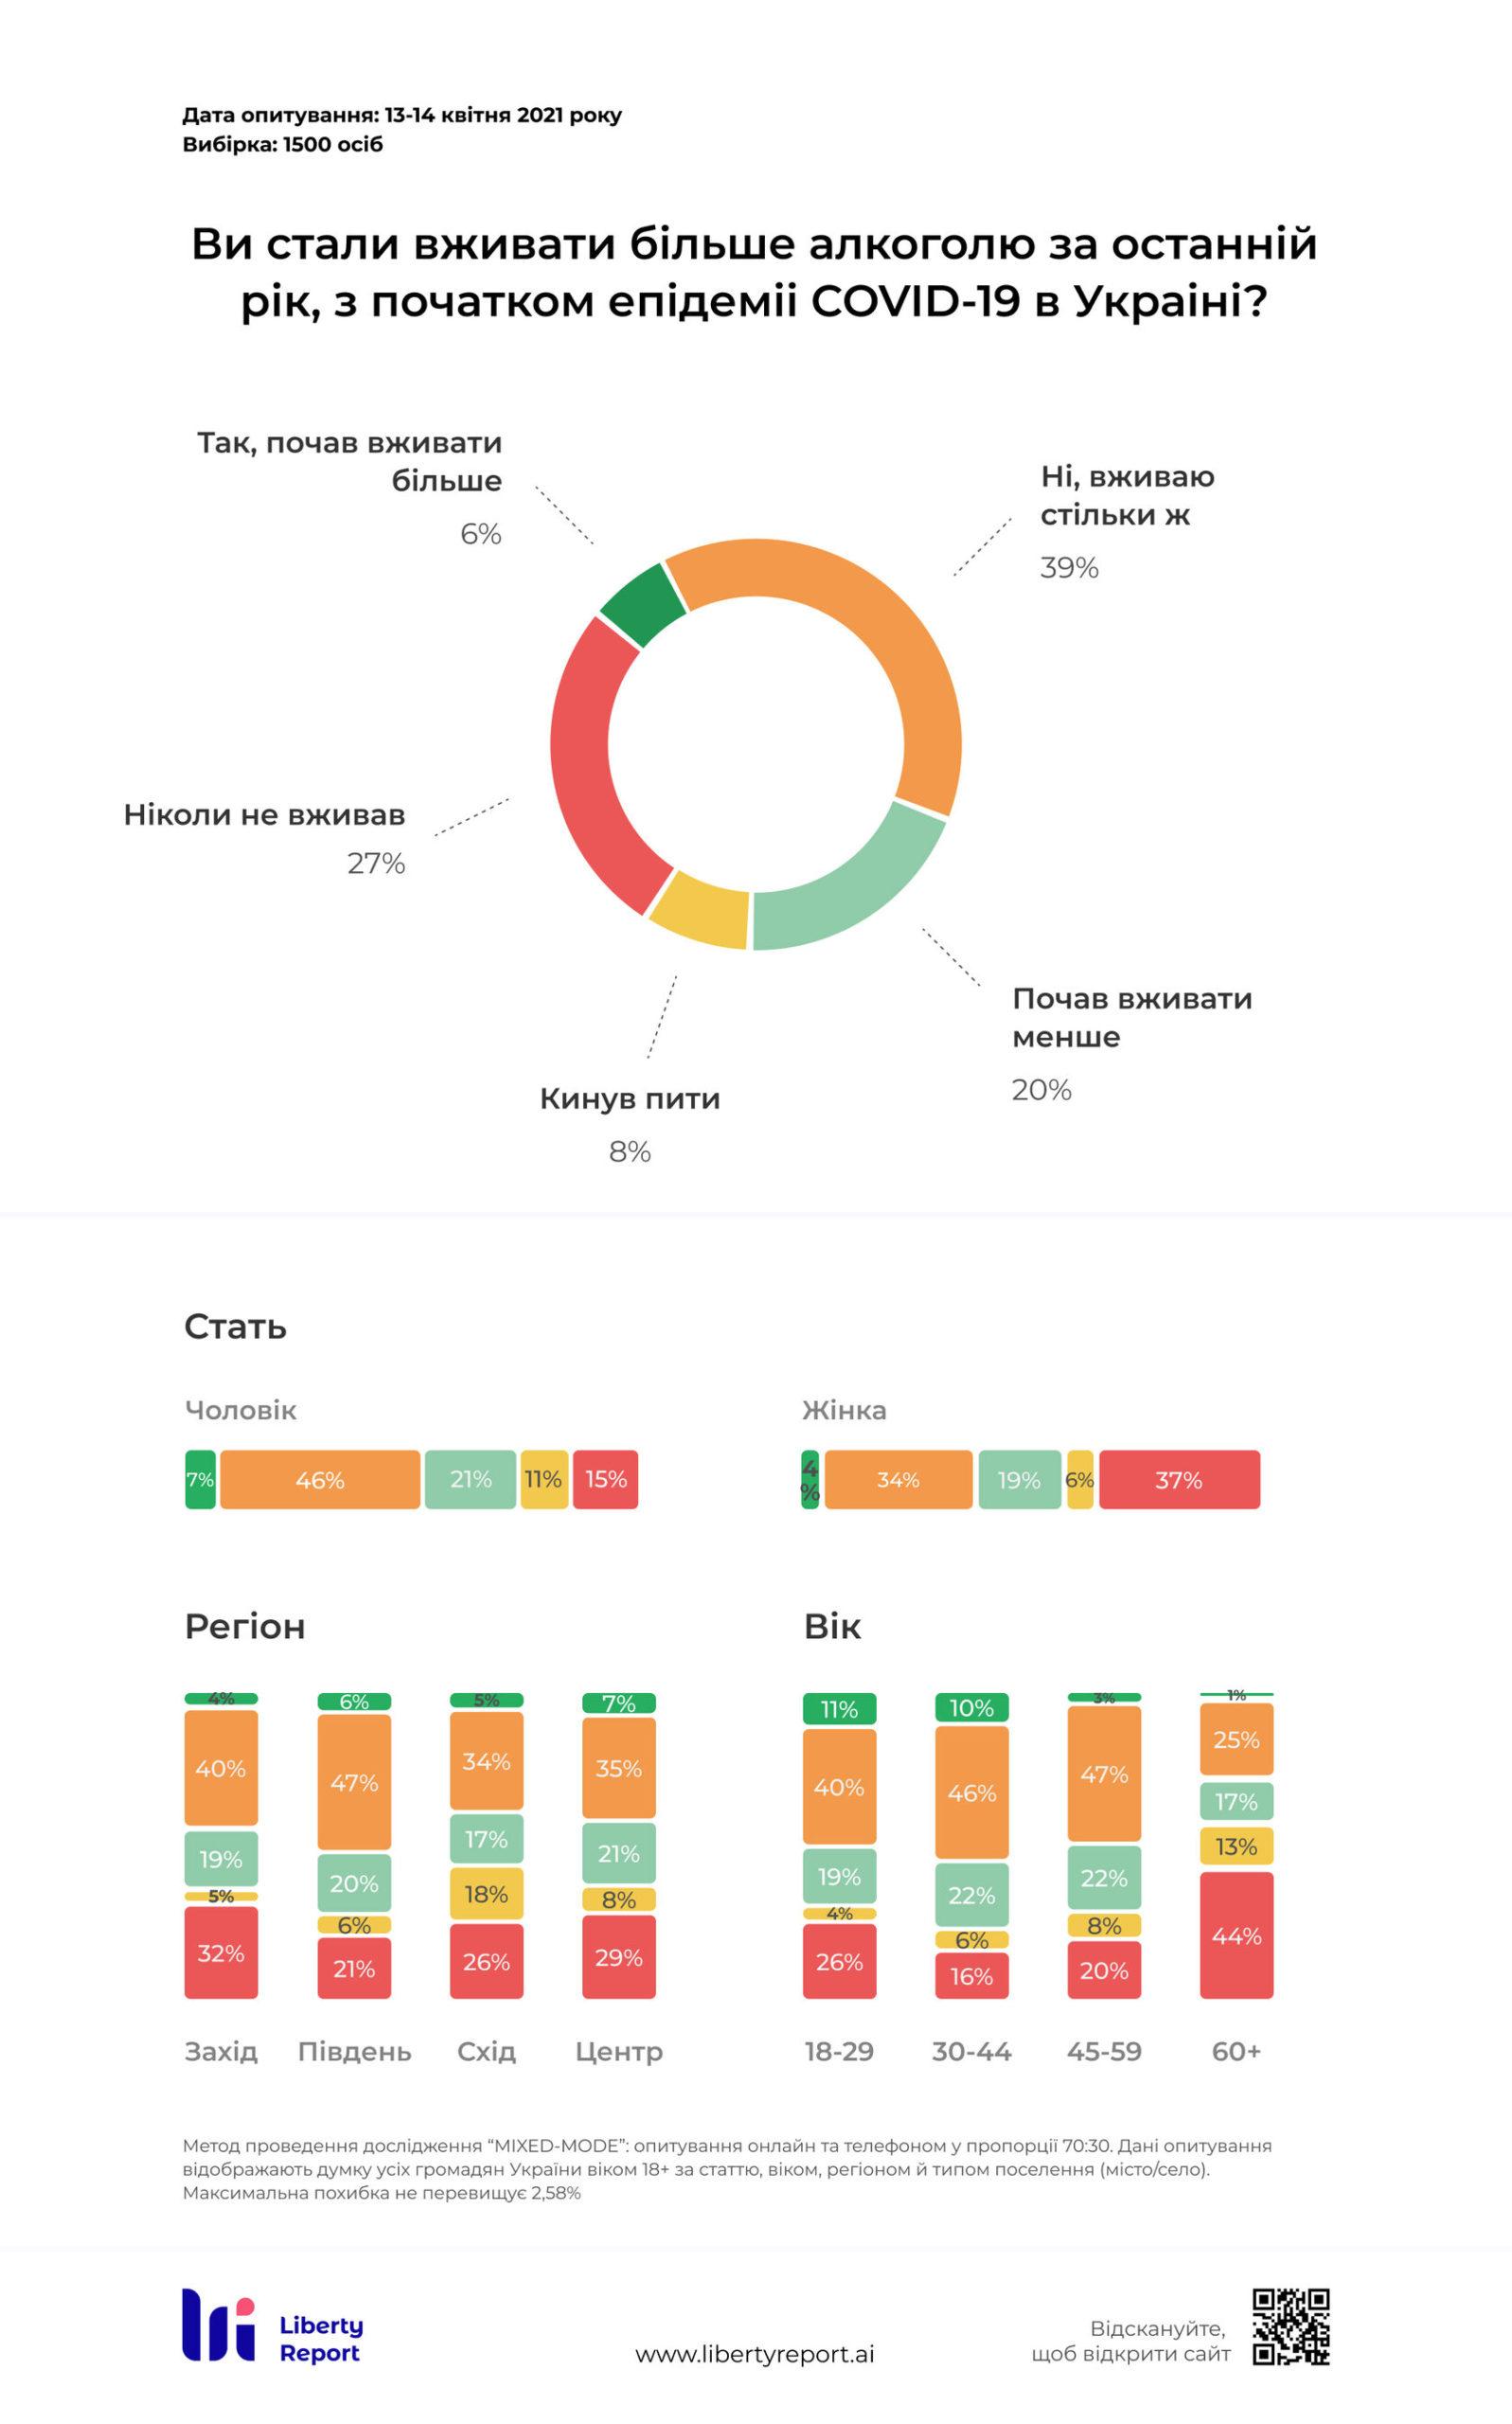 С начала пандемии Сovid-19 меньше употребляют алкоголь 20% украинцев